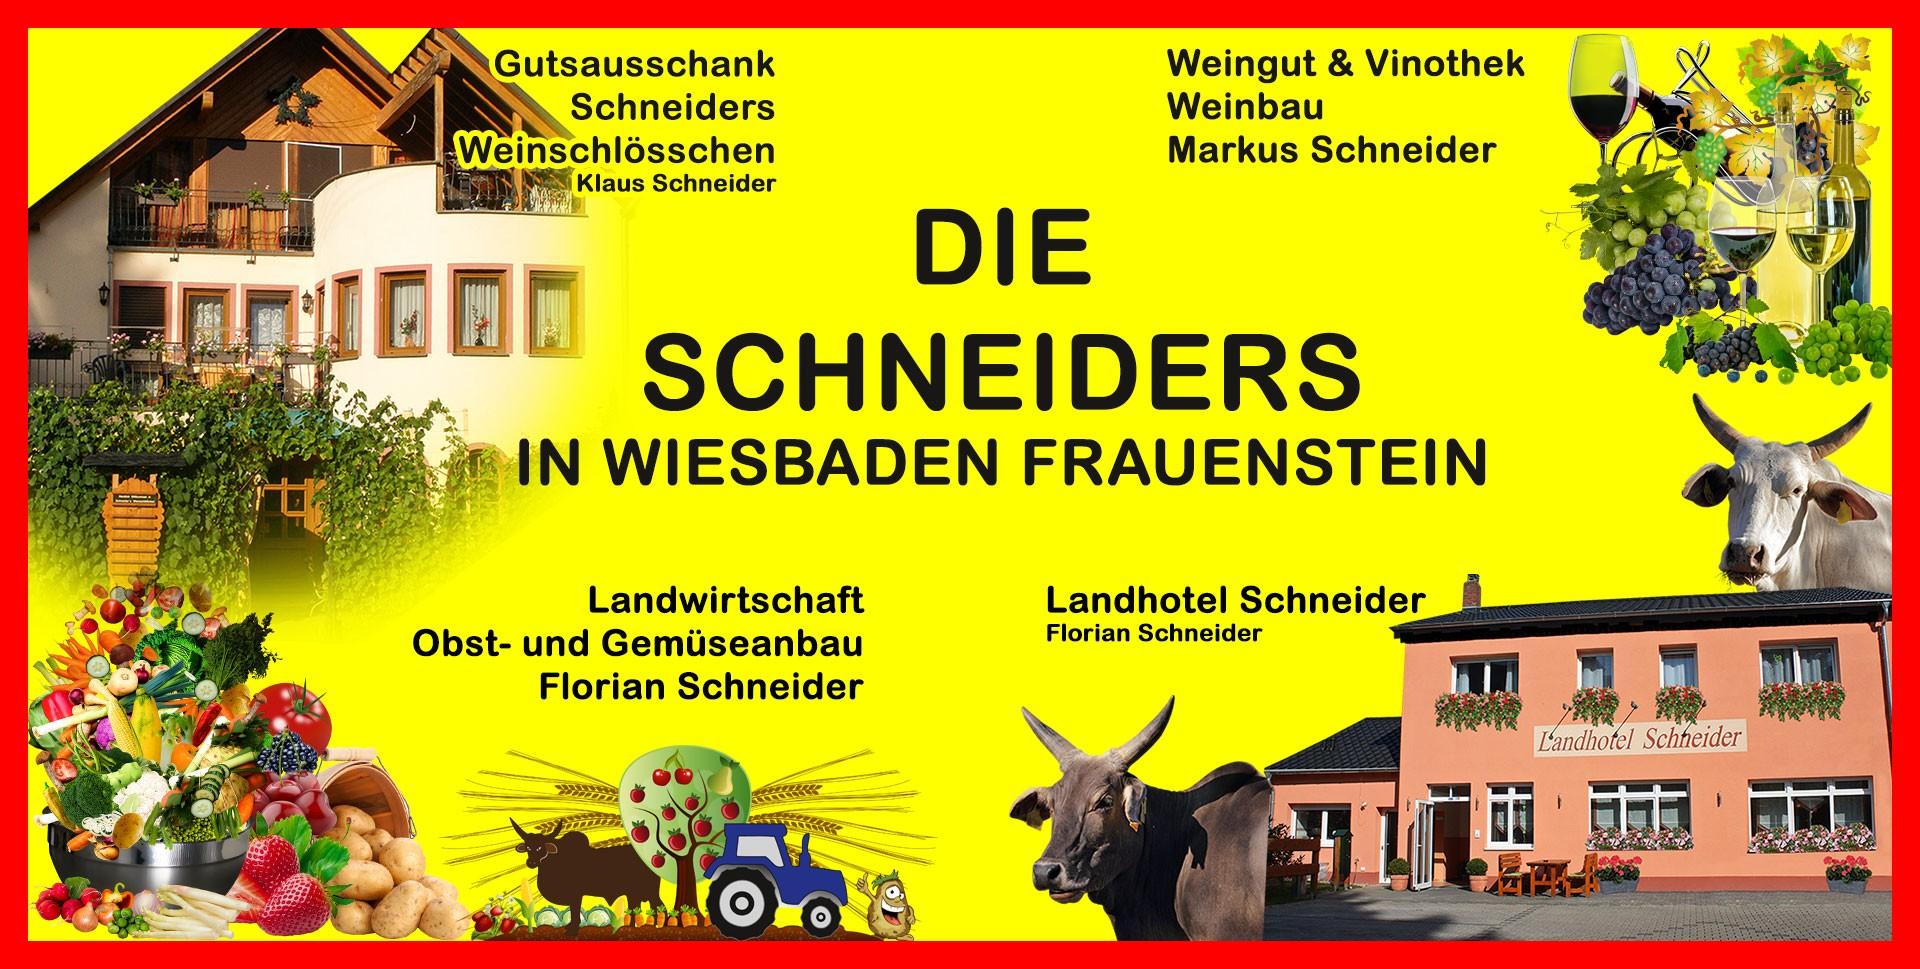 Familienbetrieb Schneider in Wiesbaden Frauenstein